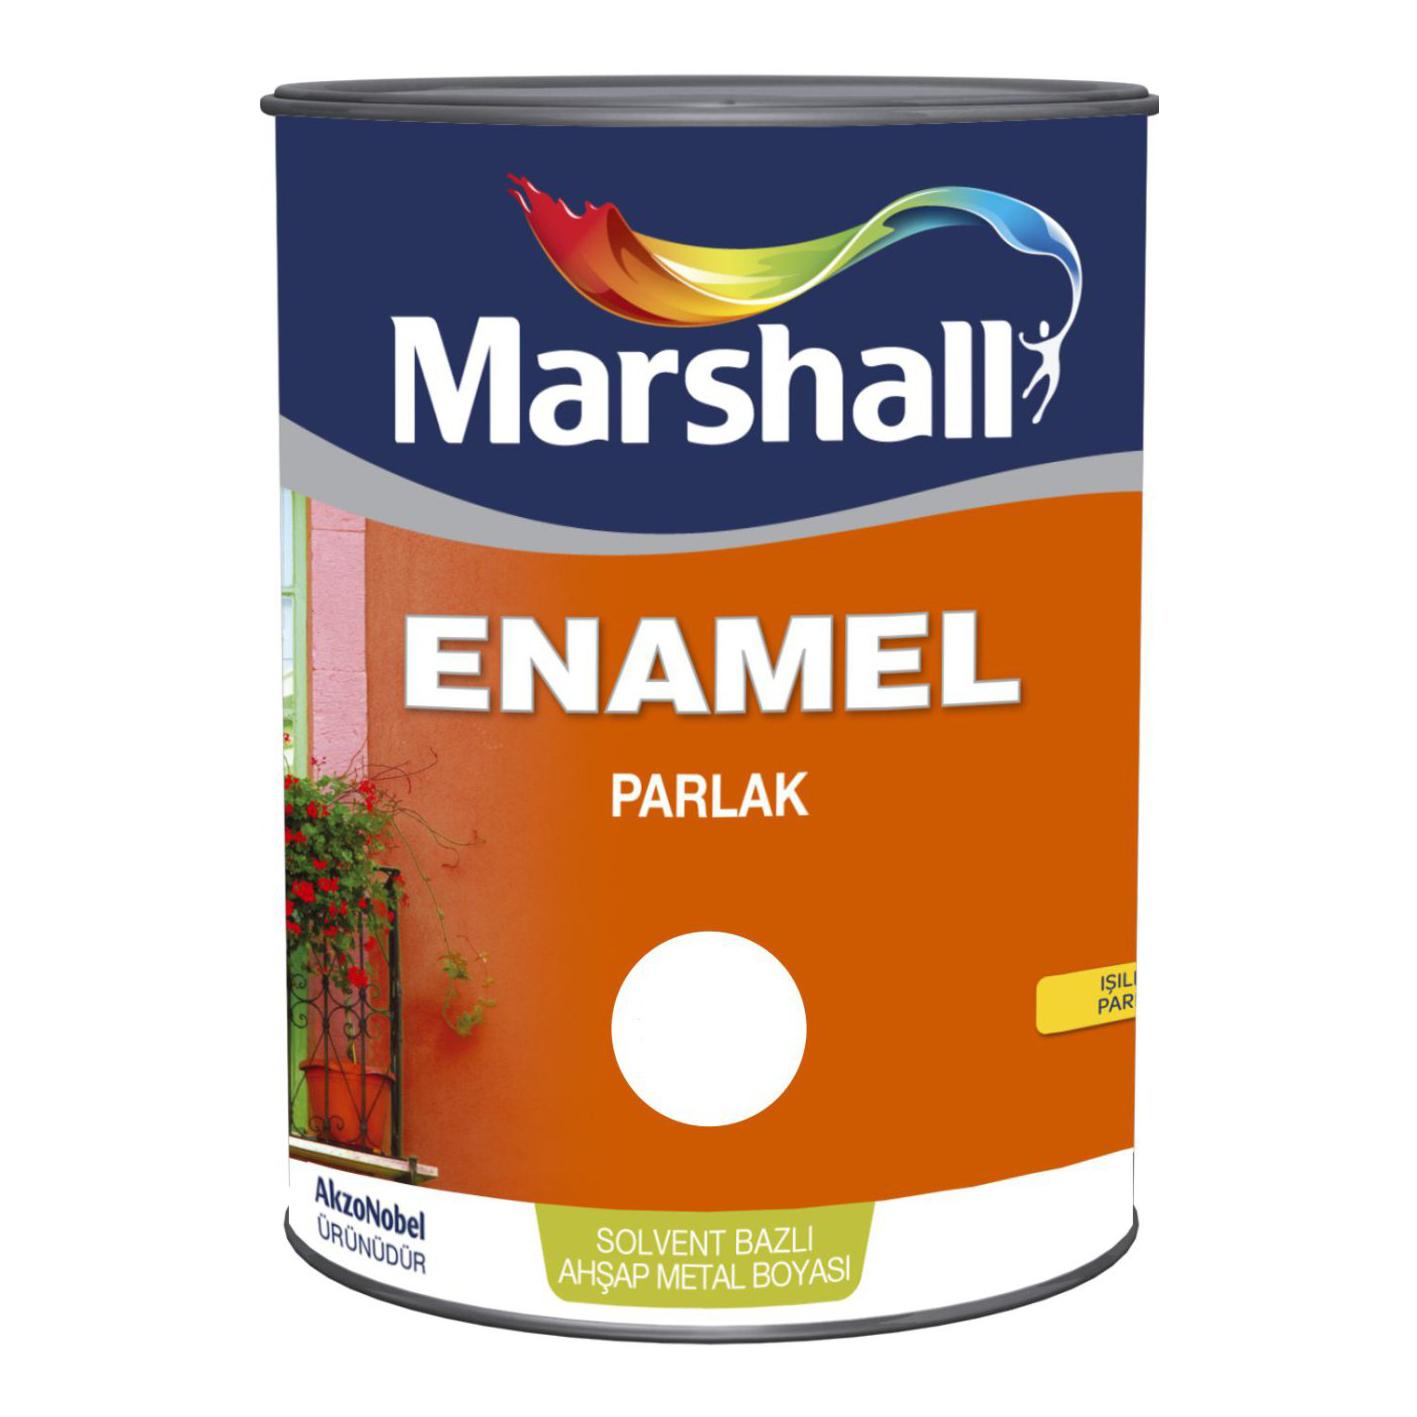 Marshall Enamel Parlak Beyaz 15Lt